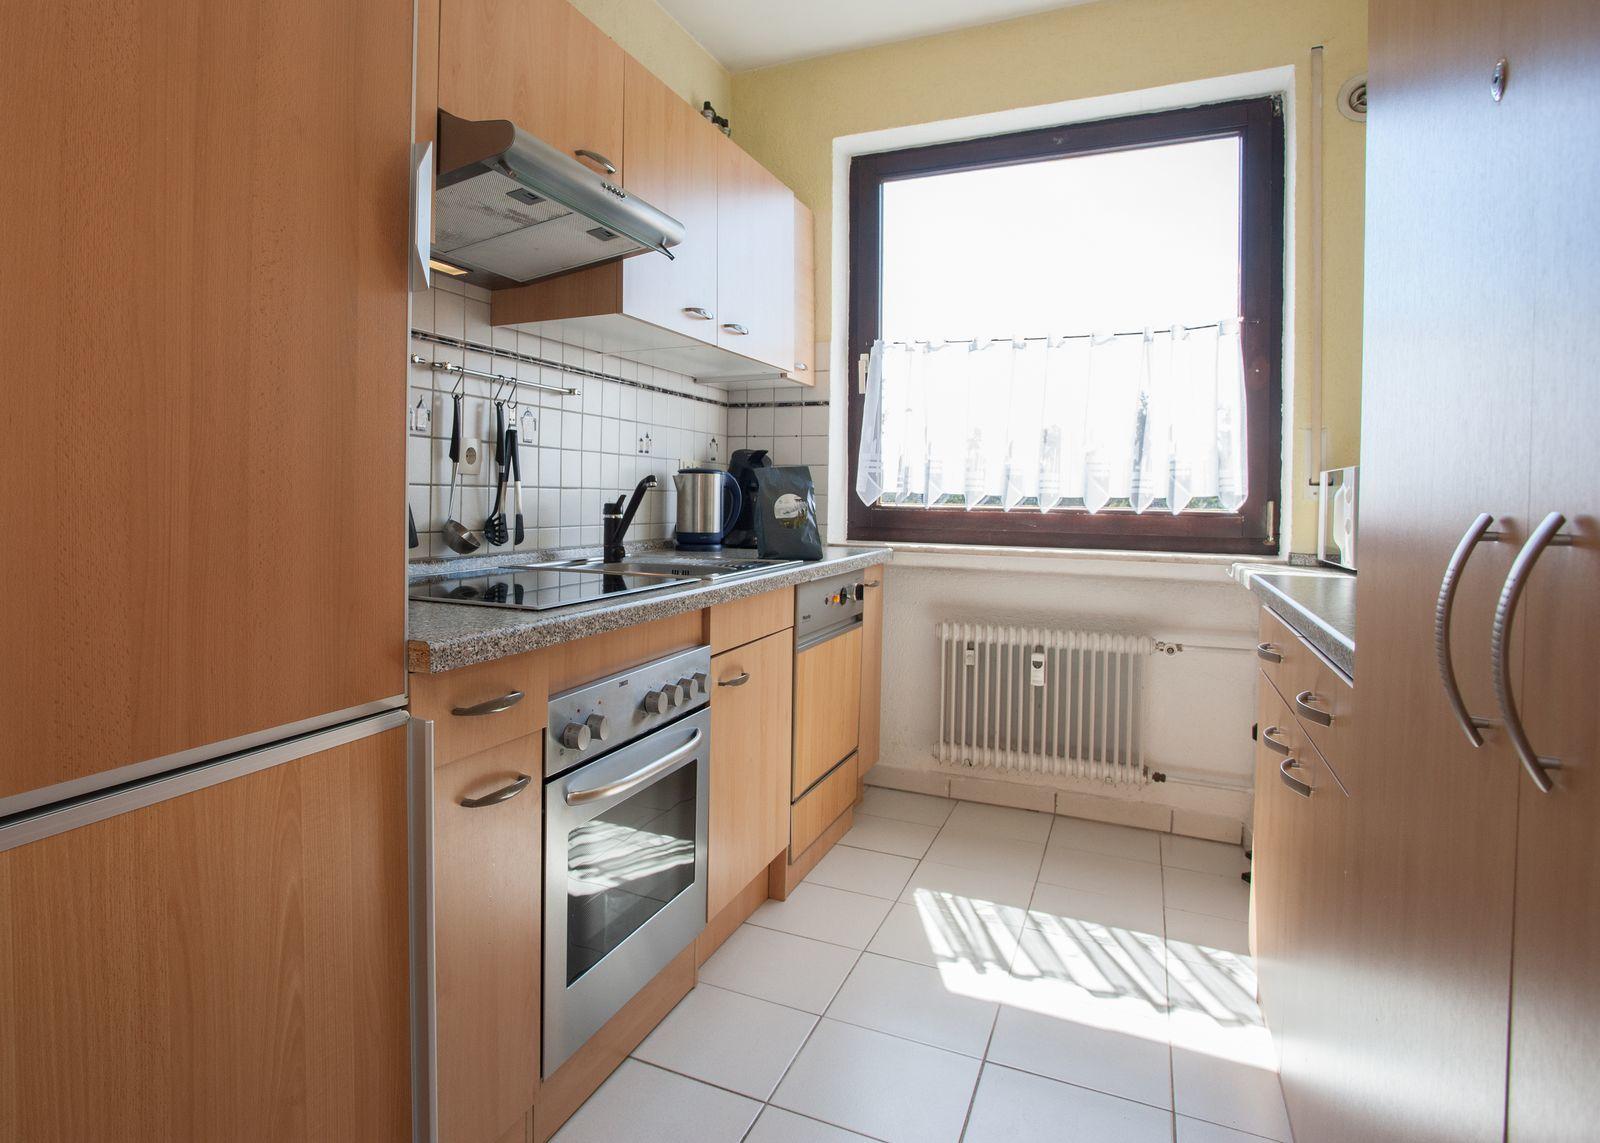 Lejlighed - Am Waltenberg 59-A